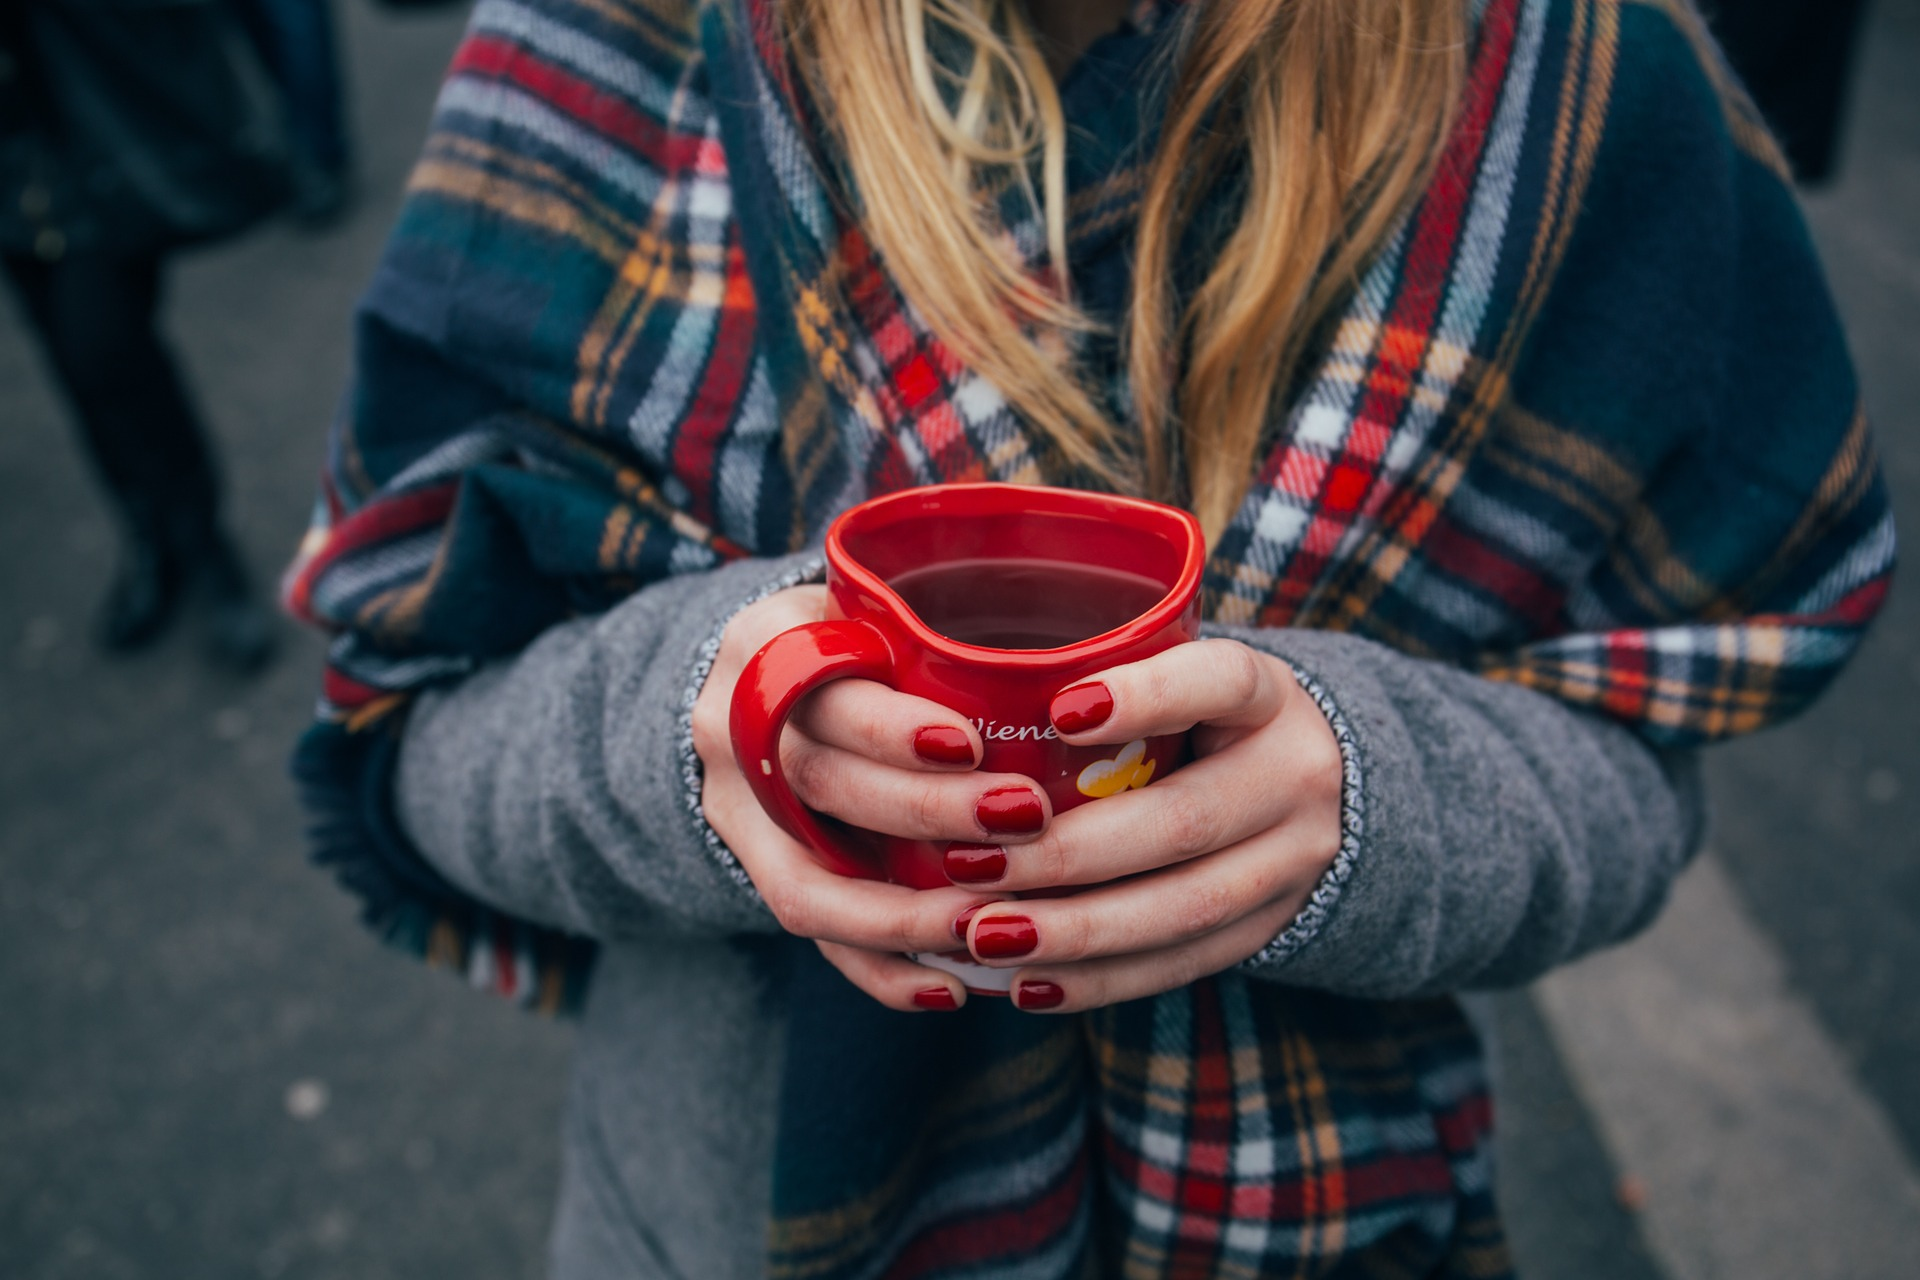 Copa, café, mulher, cachecol, mãos, unhas, bebidas, Vermelho - Papéis de parede HD - Professor-falken.com